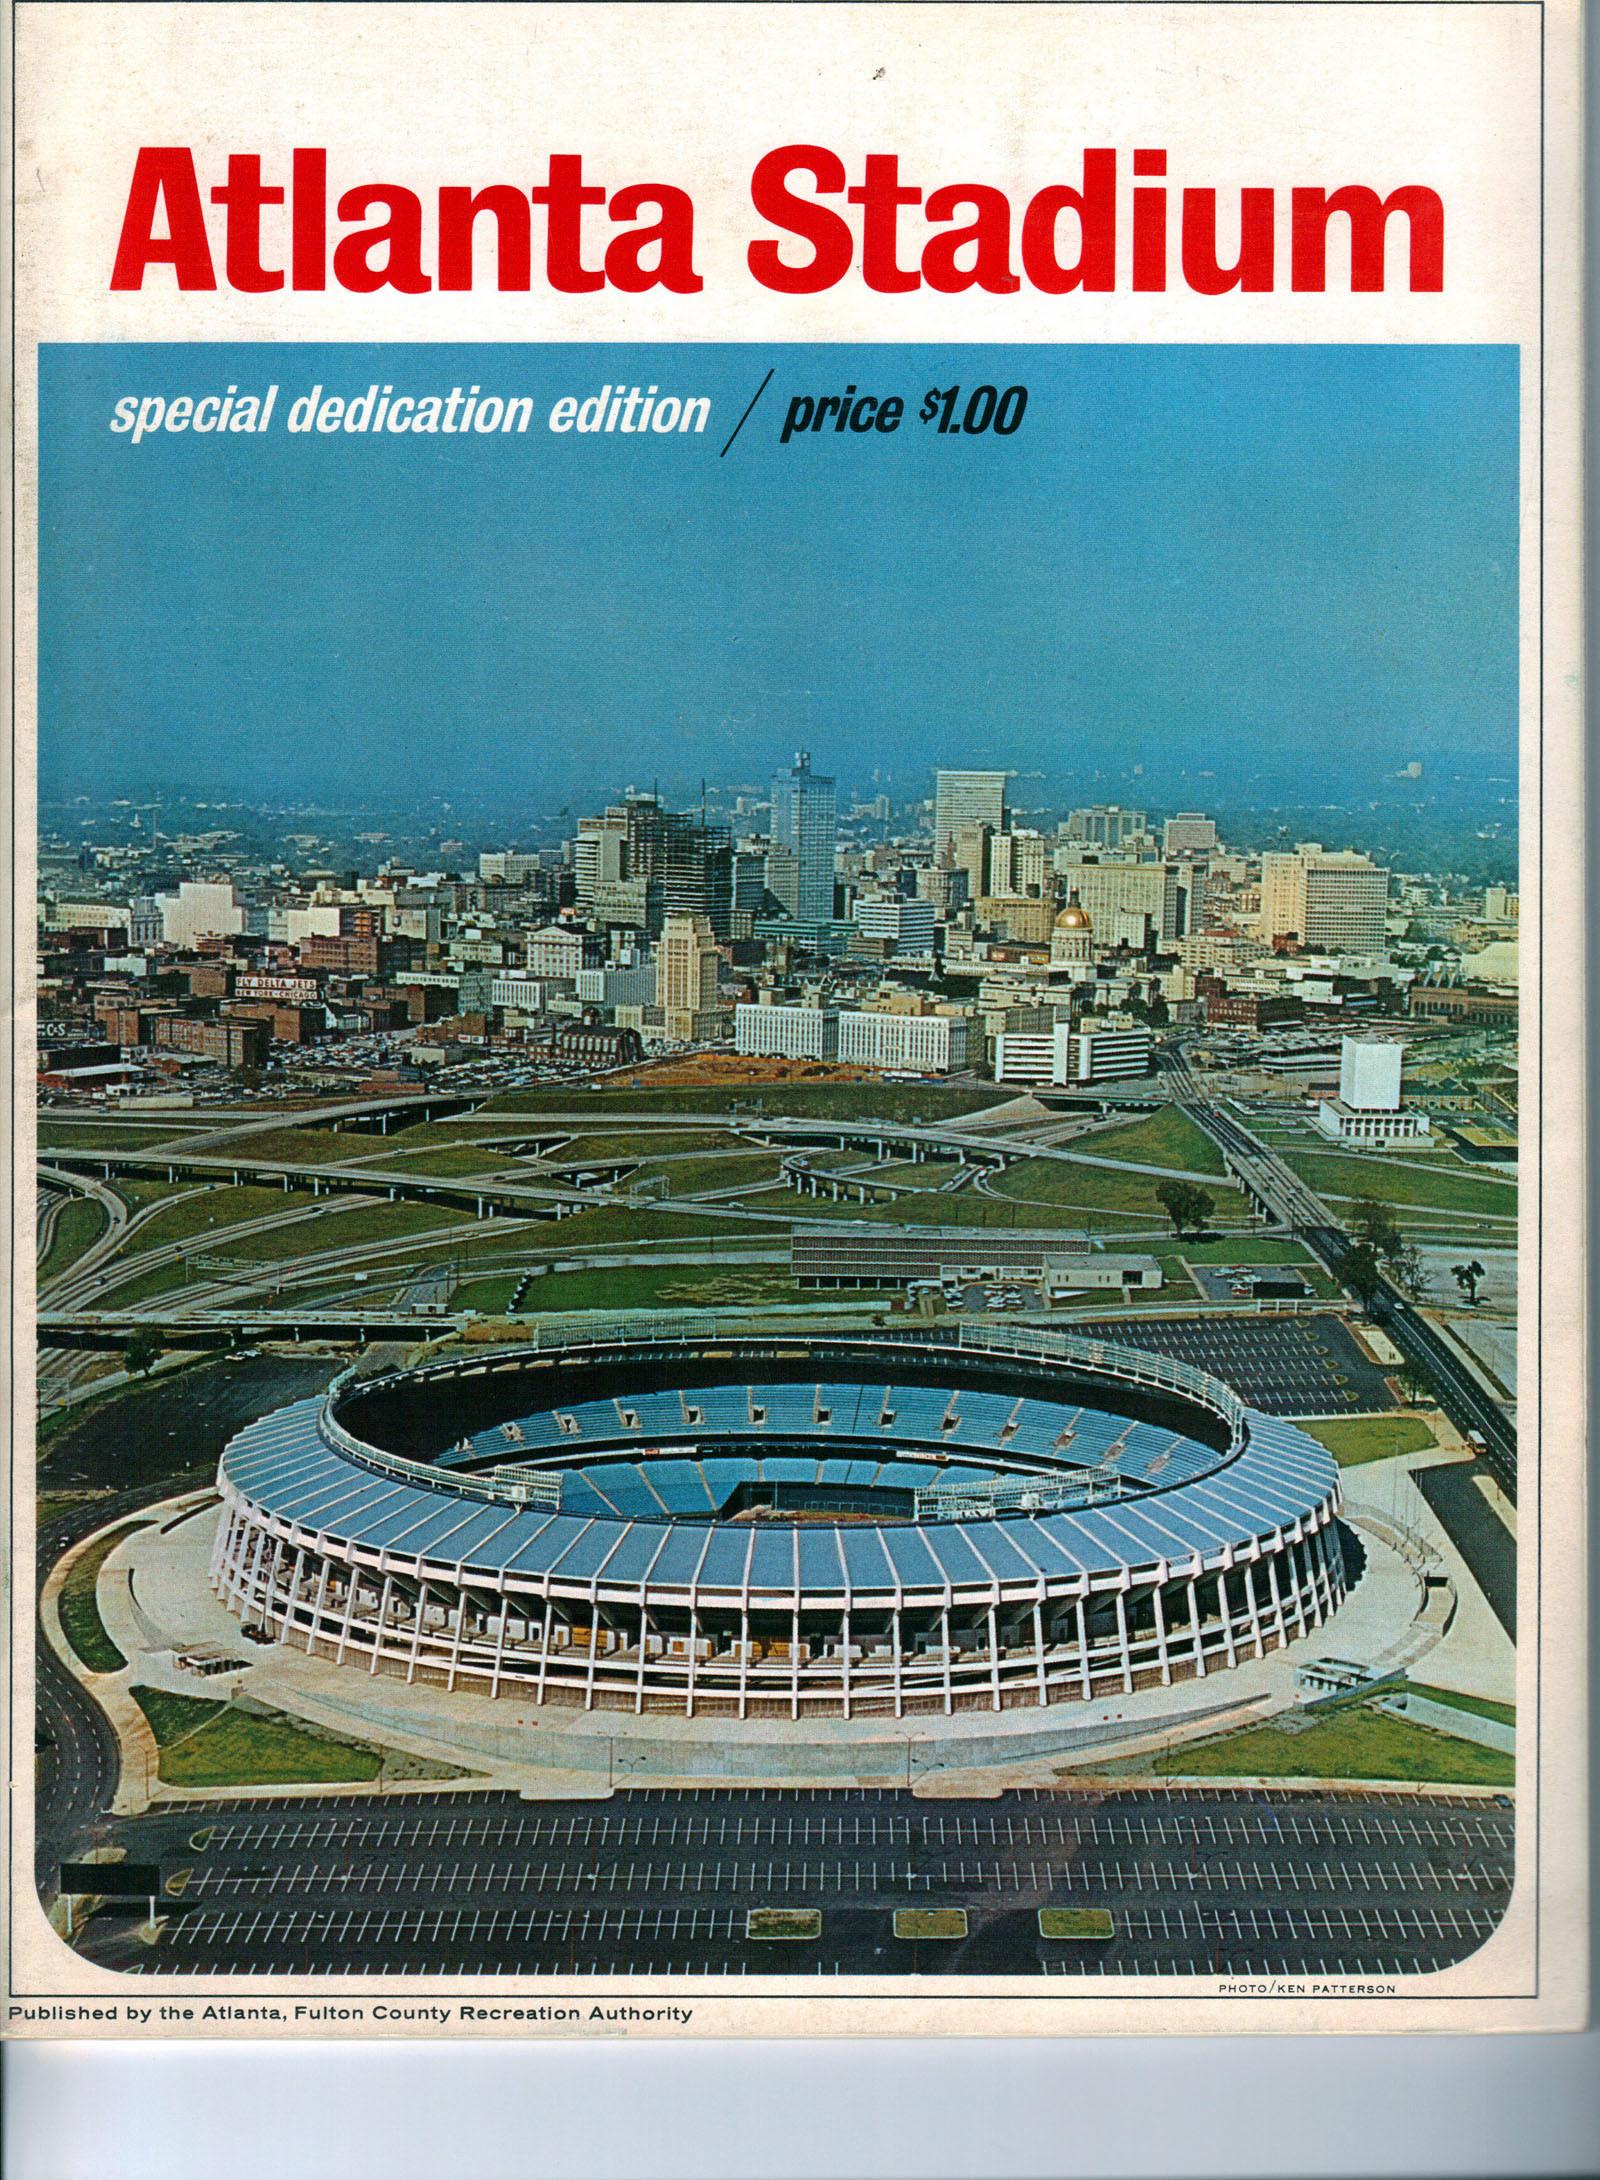 Atlanta Braves Opening Day 1966